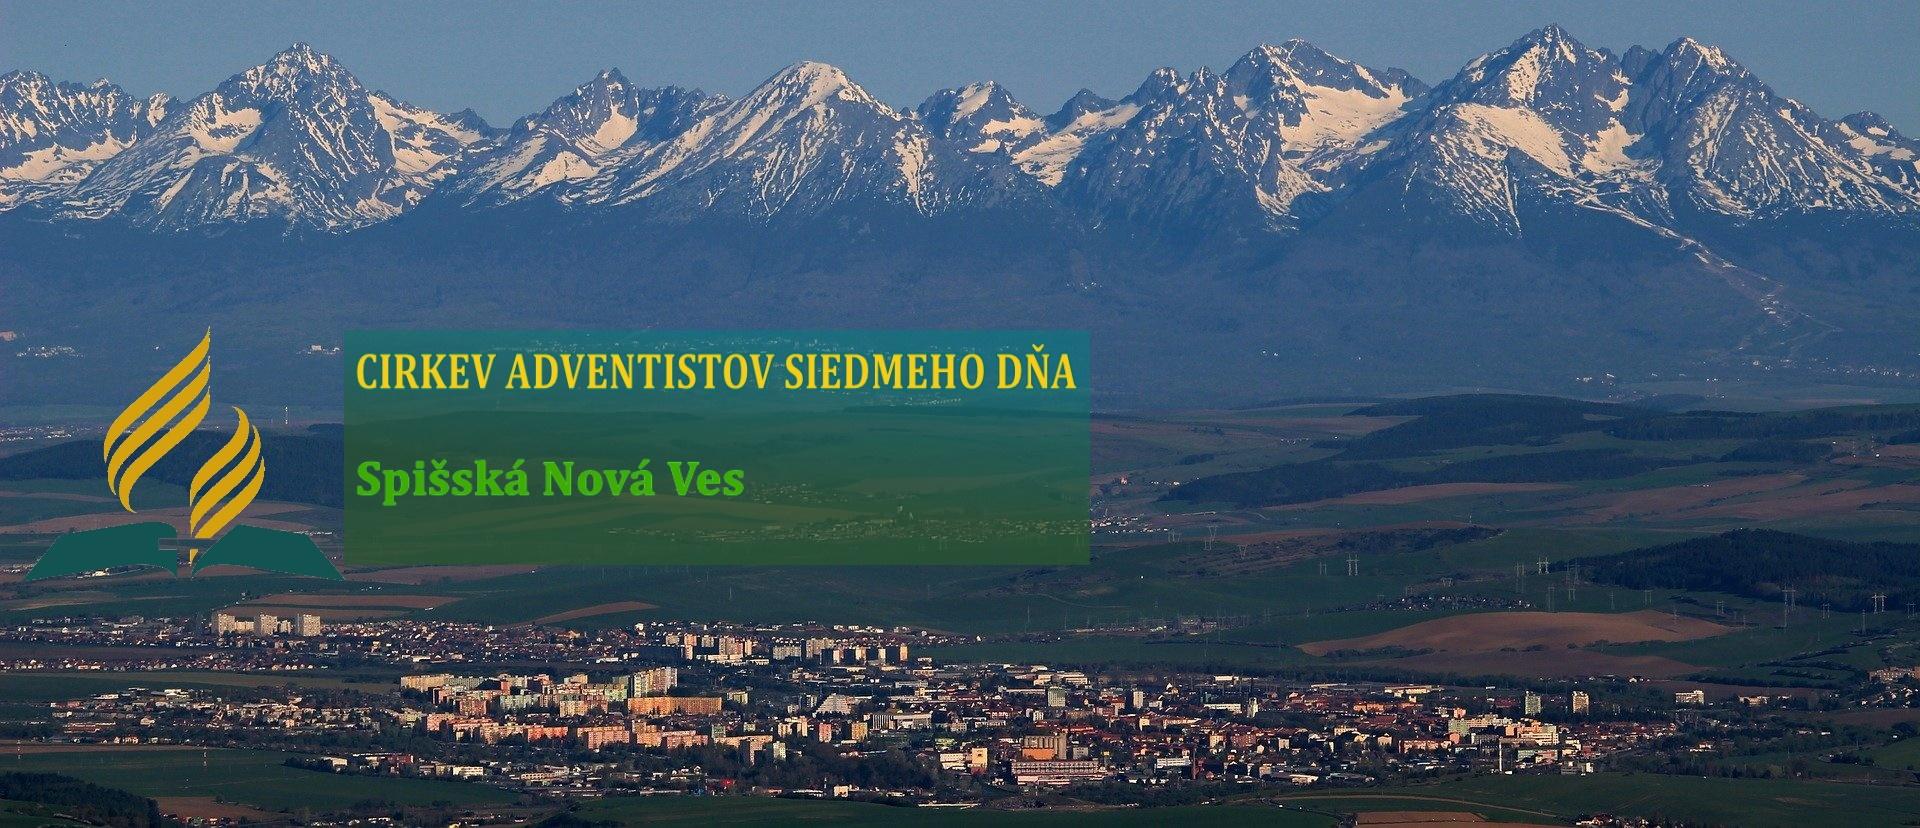 CASD Spišská Nová Ves